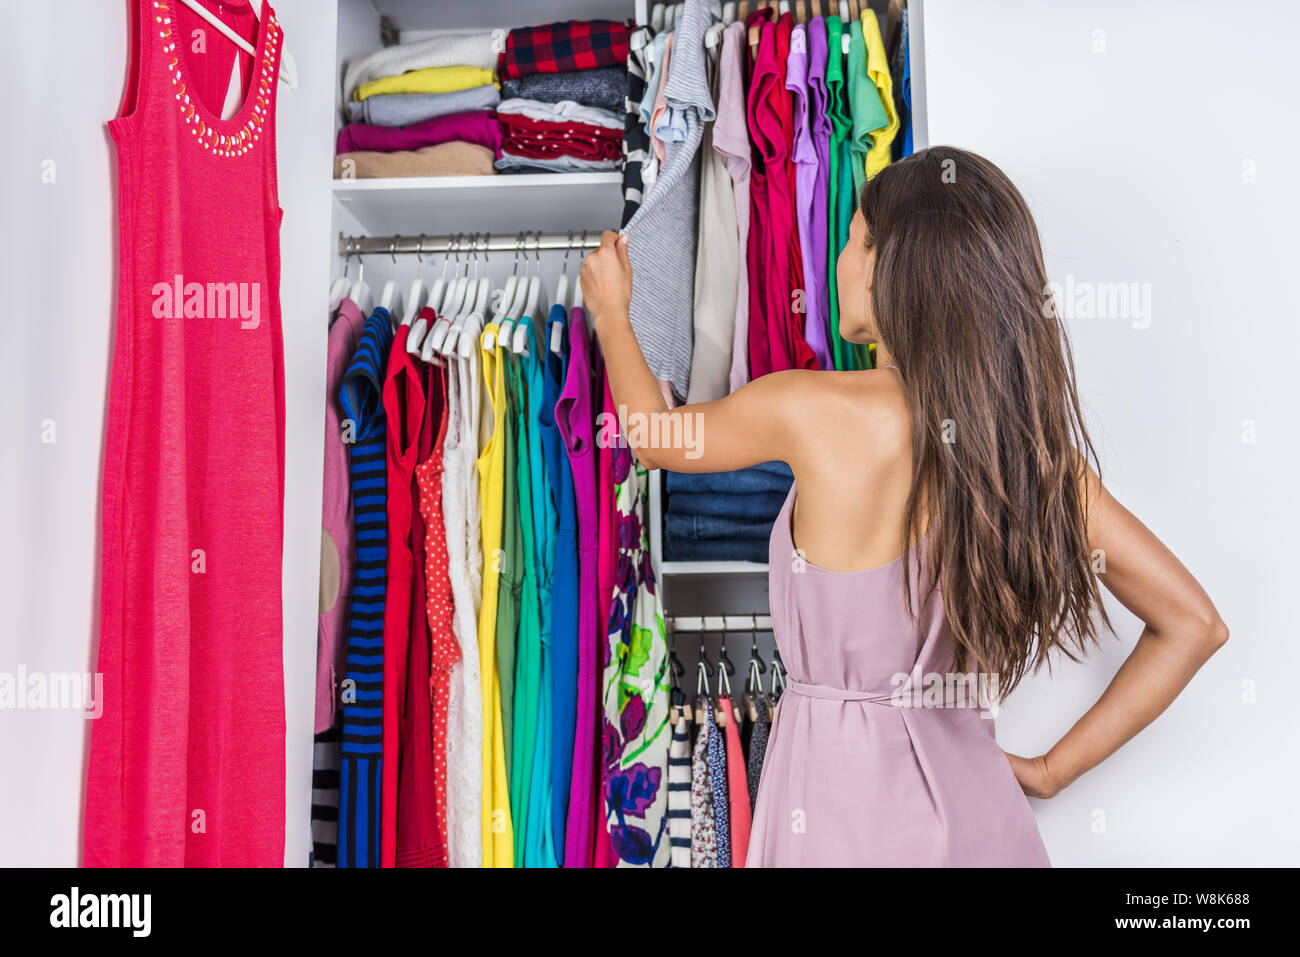 Organized Fashion